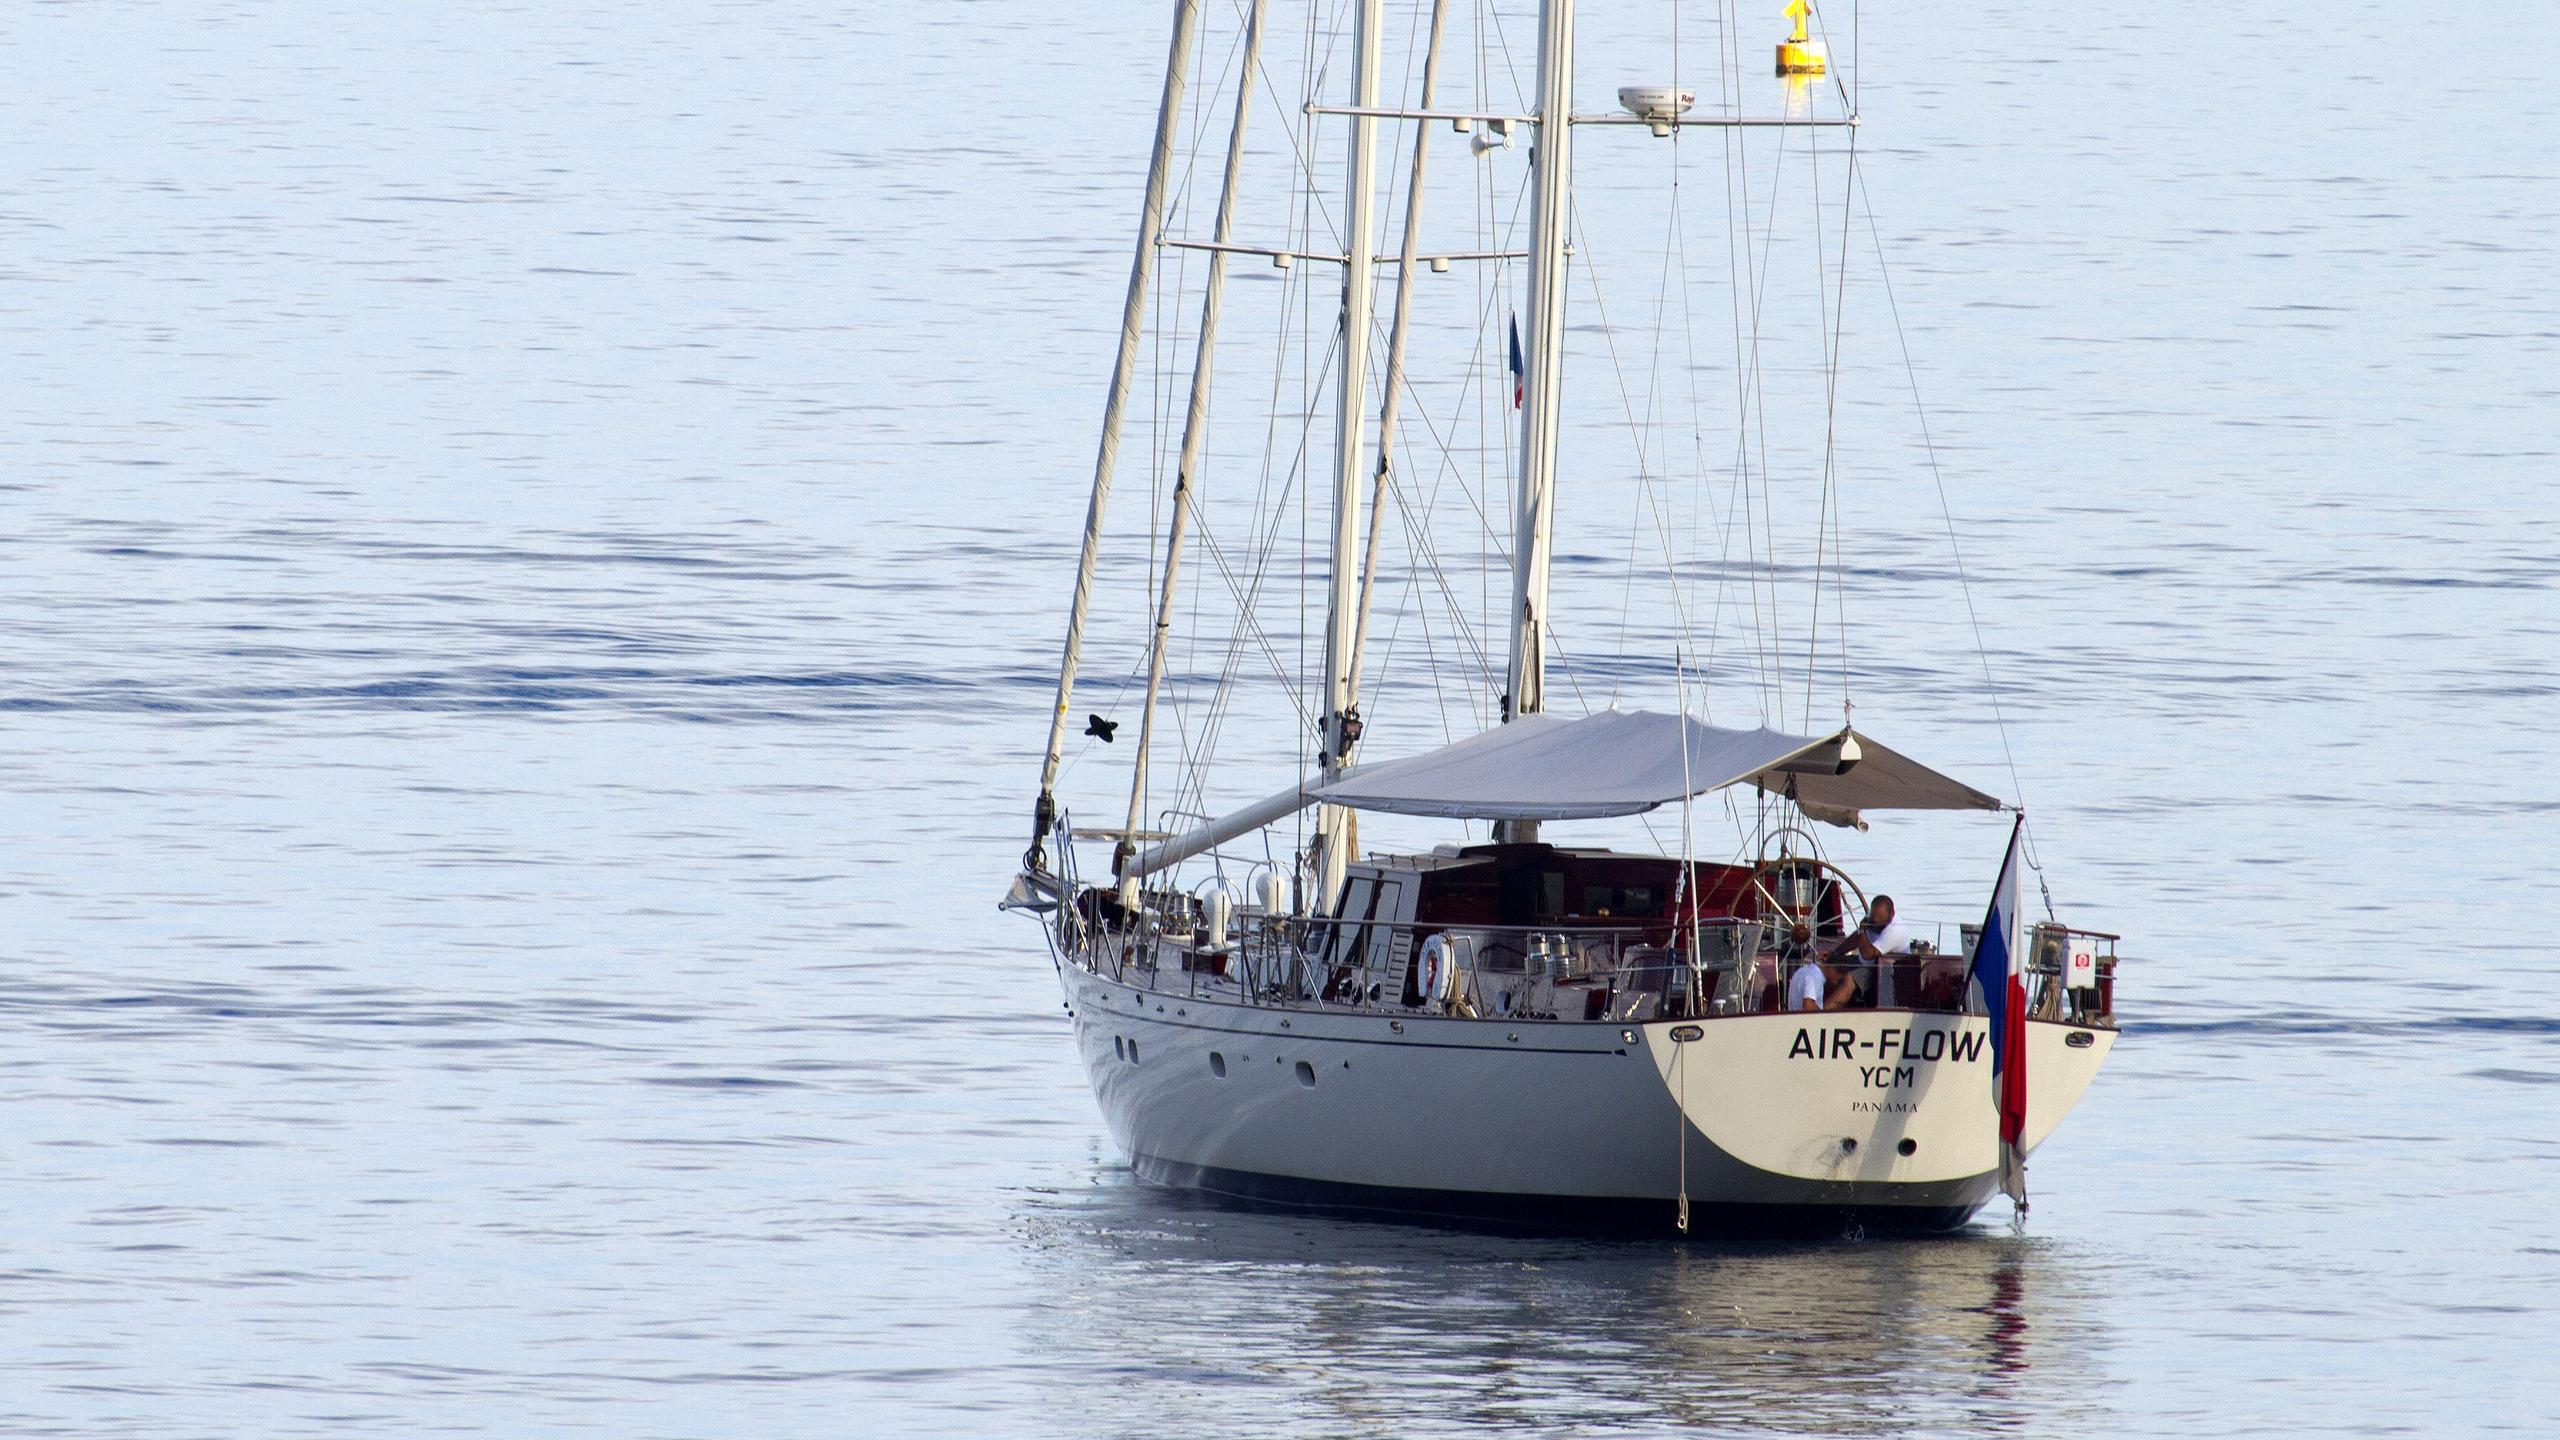 air-flow-sailing-yacht-nicholson-1990-28m-stern